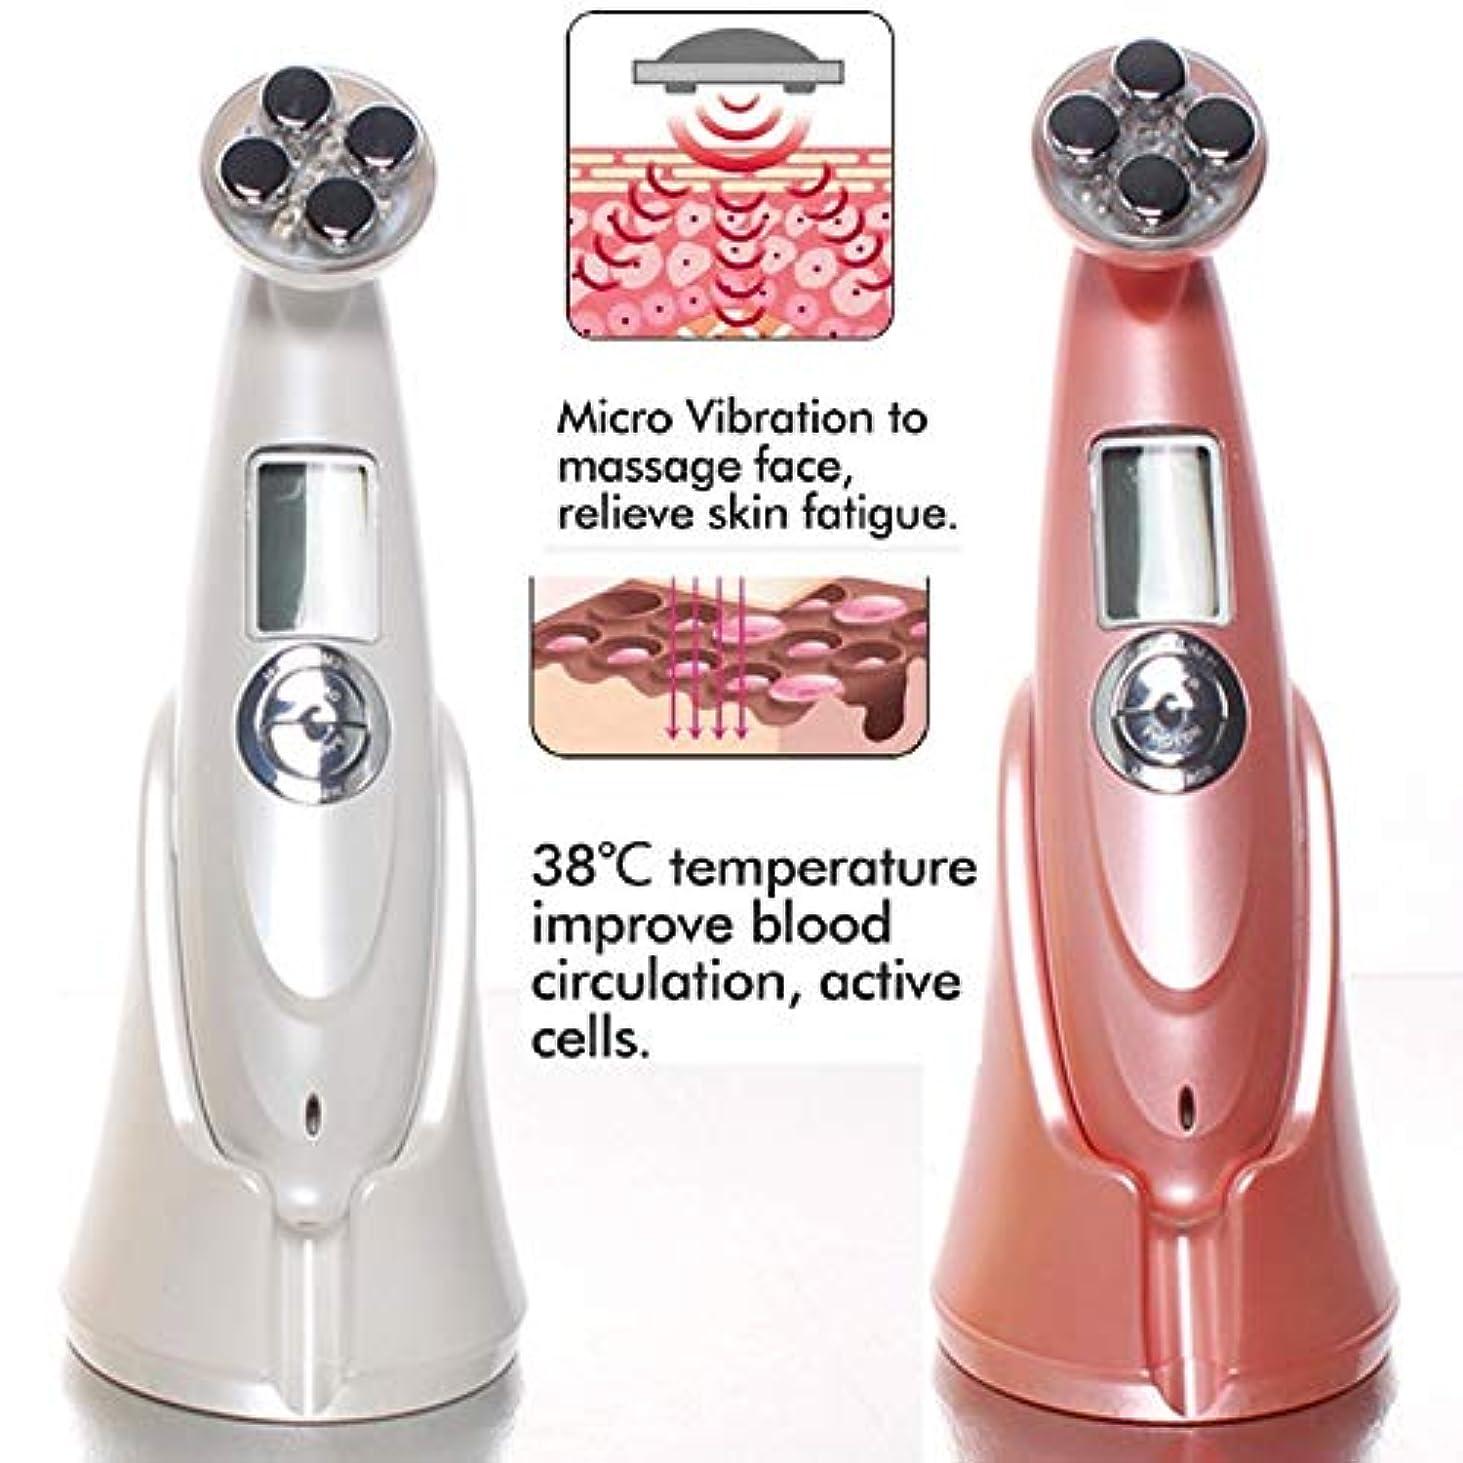 リンス栄光りLIZIB 超音波EMS美容器具LEDアップグレード版フェイシャルマッサージ器具家庭用皮膚引き締め電子美容器具 (Color : Pink, Size : 180*5*6CM)